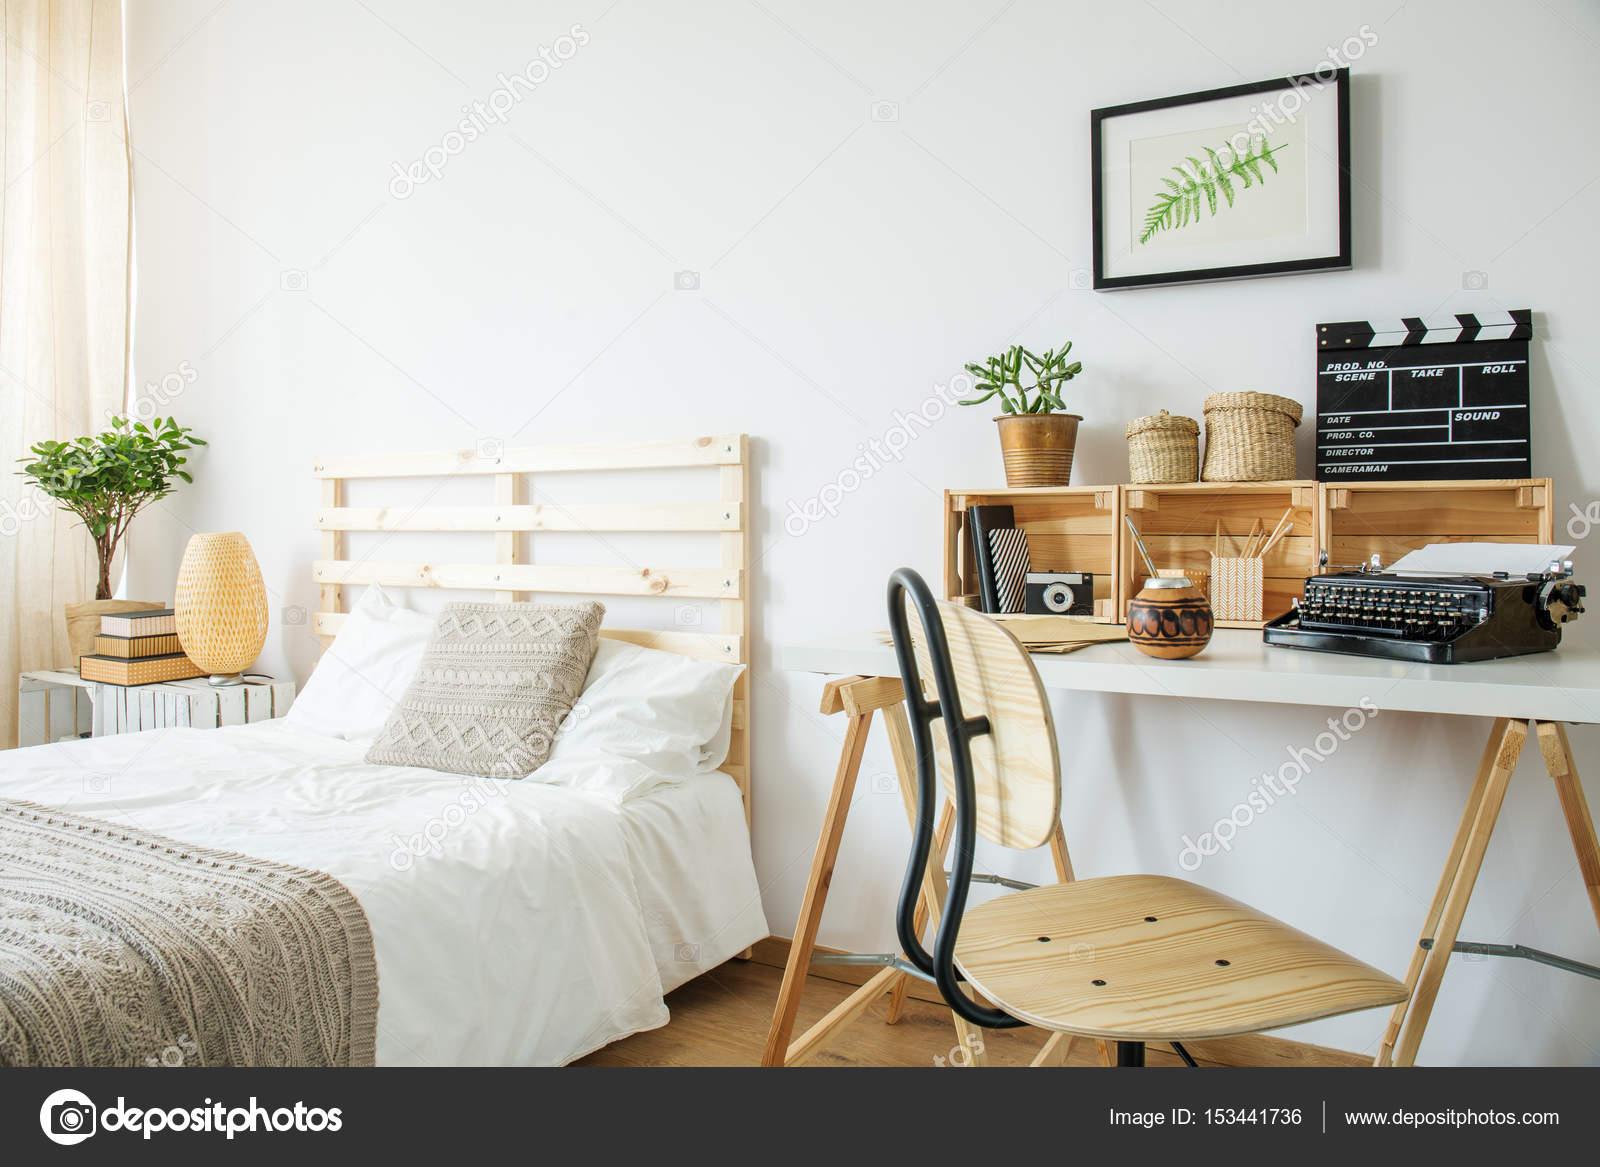 Lit et bureau dans la chambre u photographie photographee eu